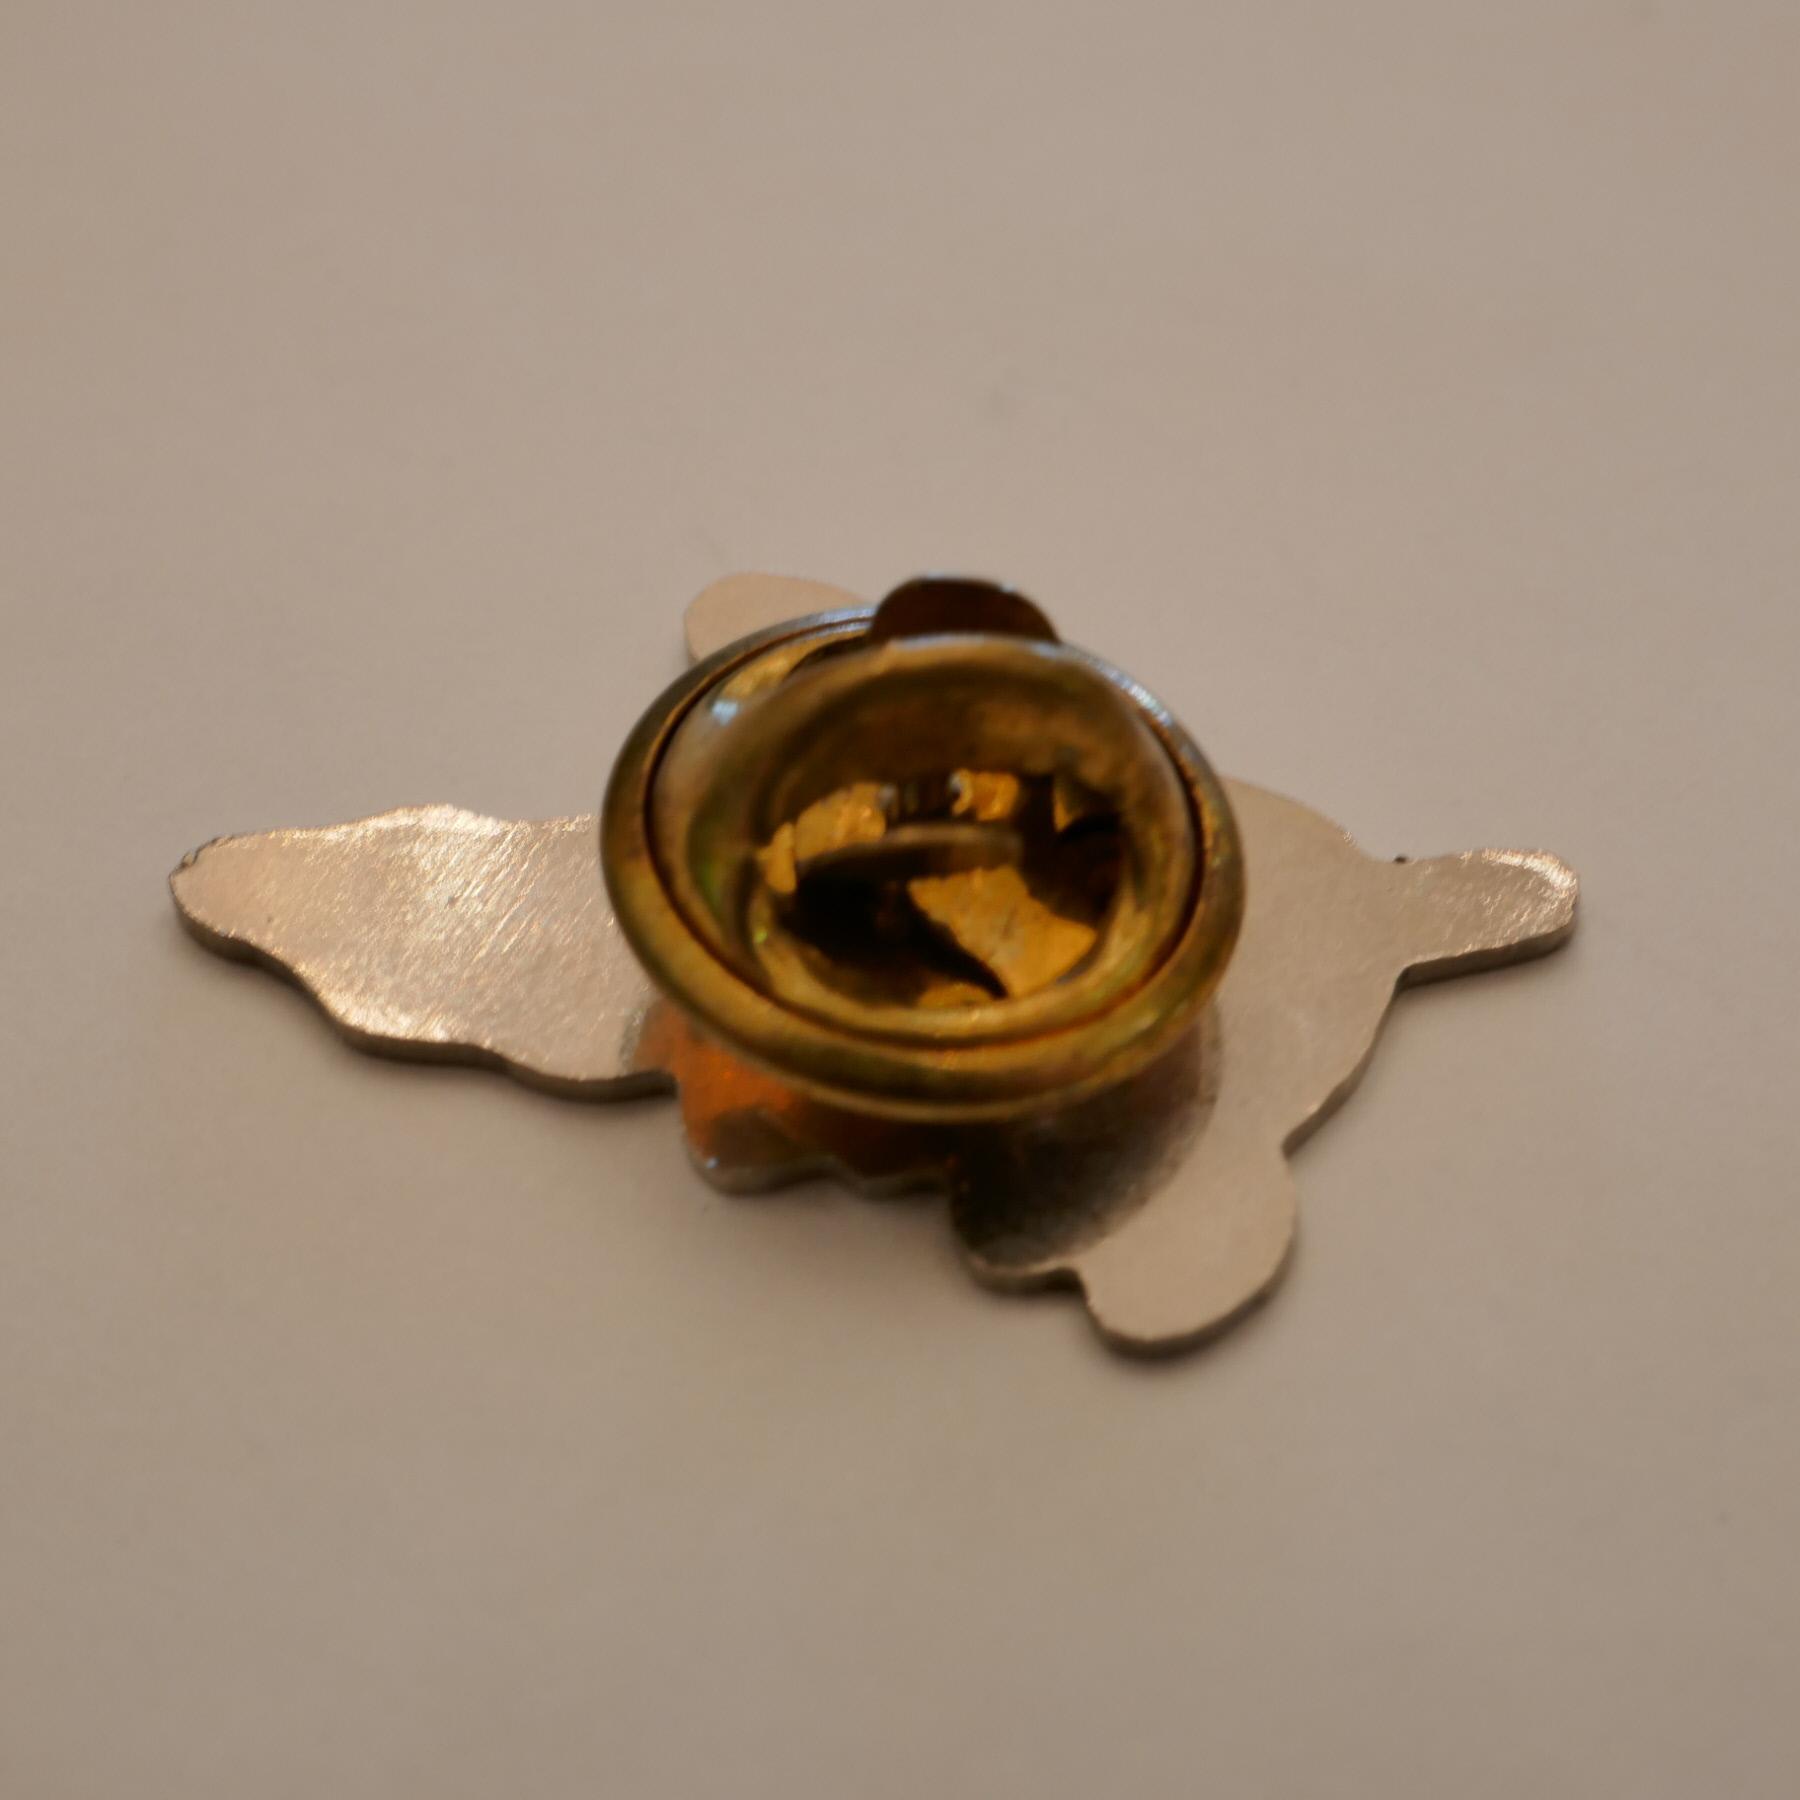 Yellow dog pins